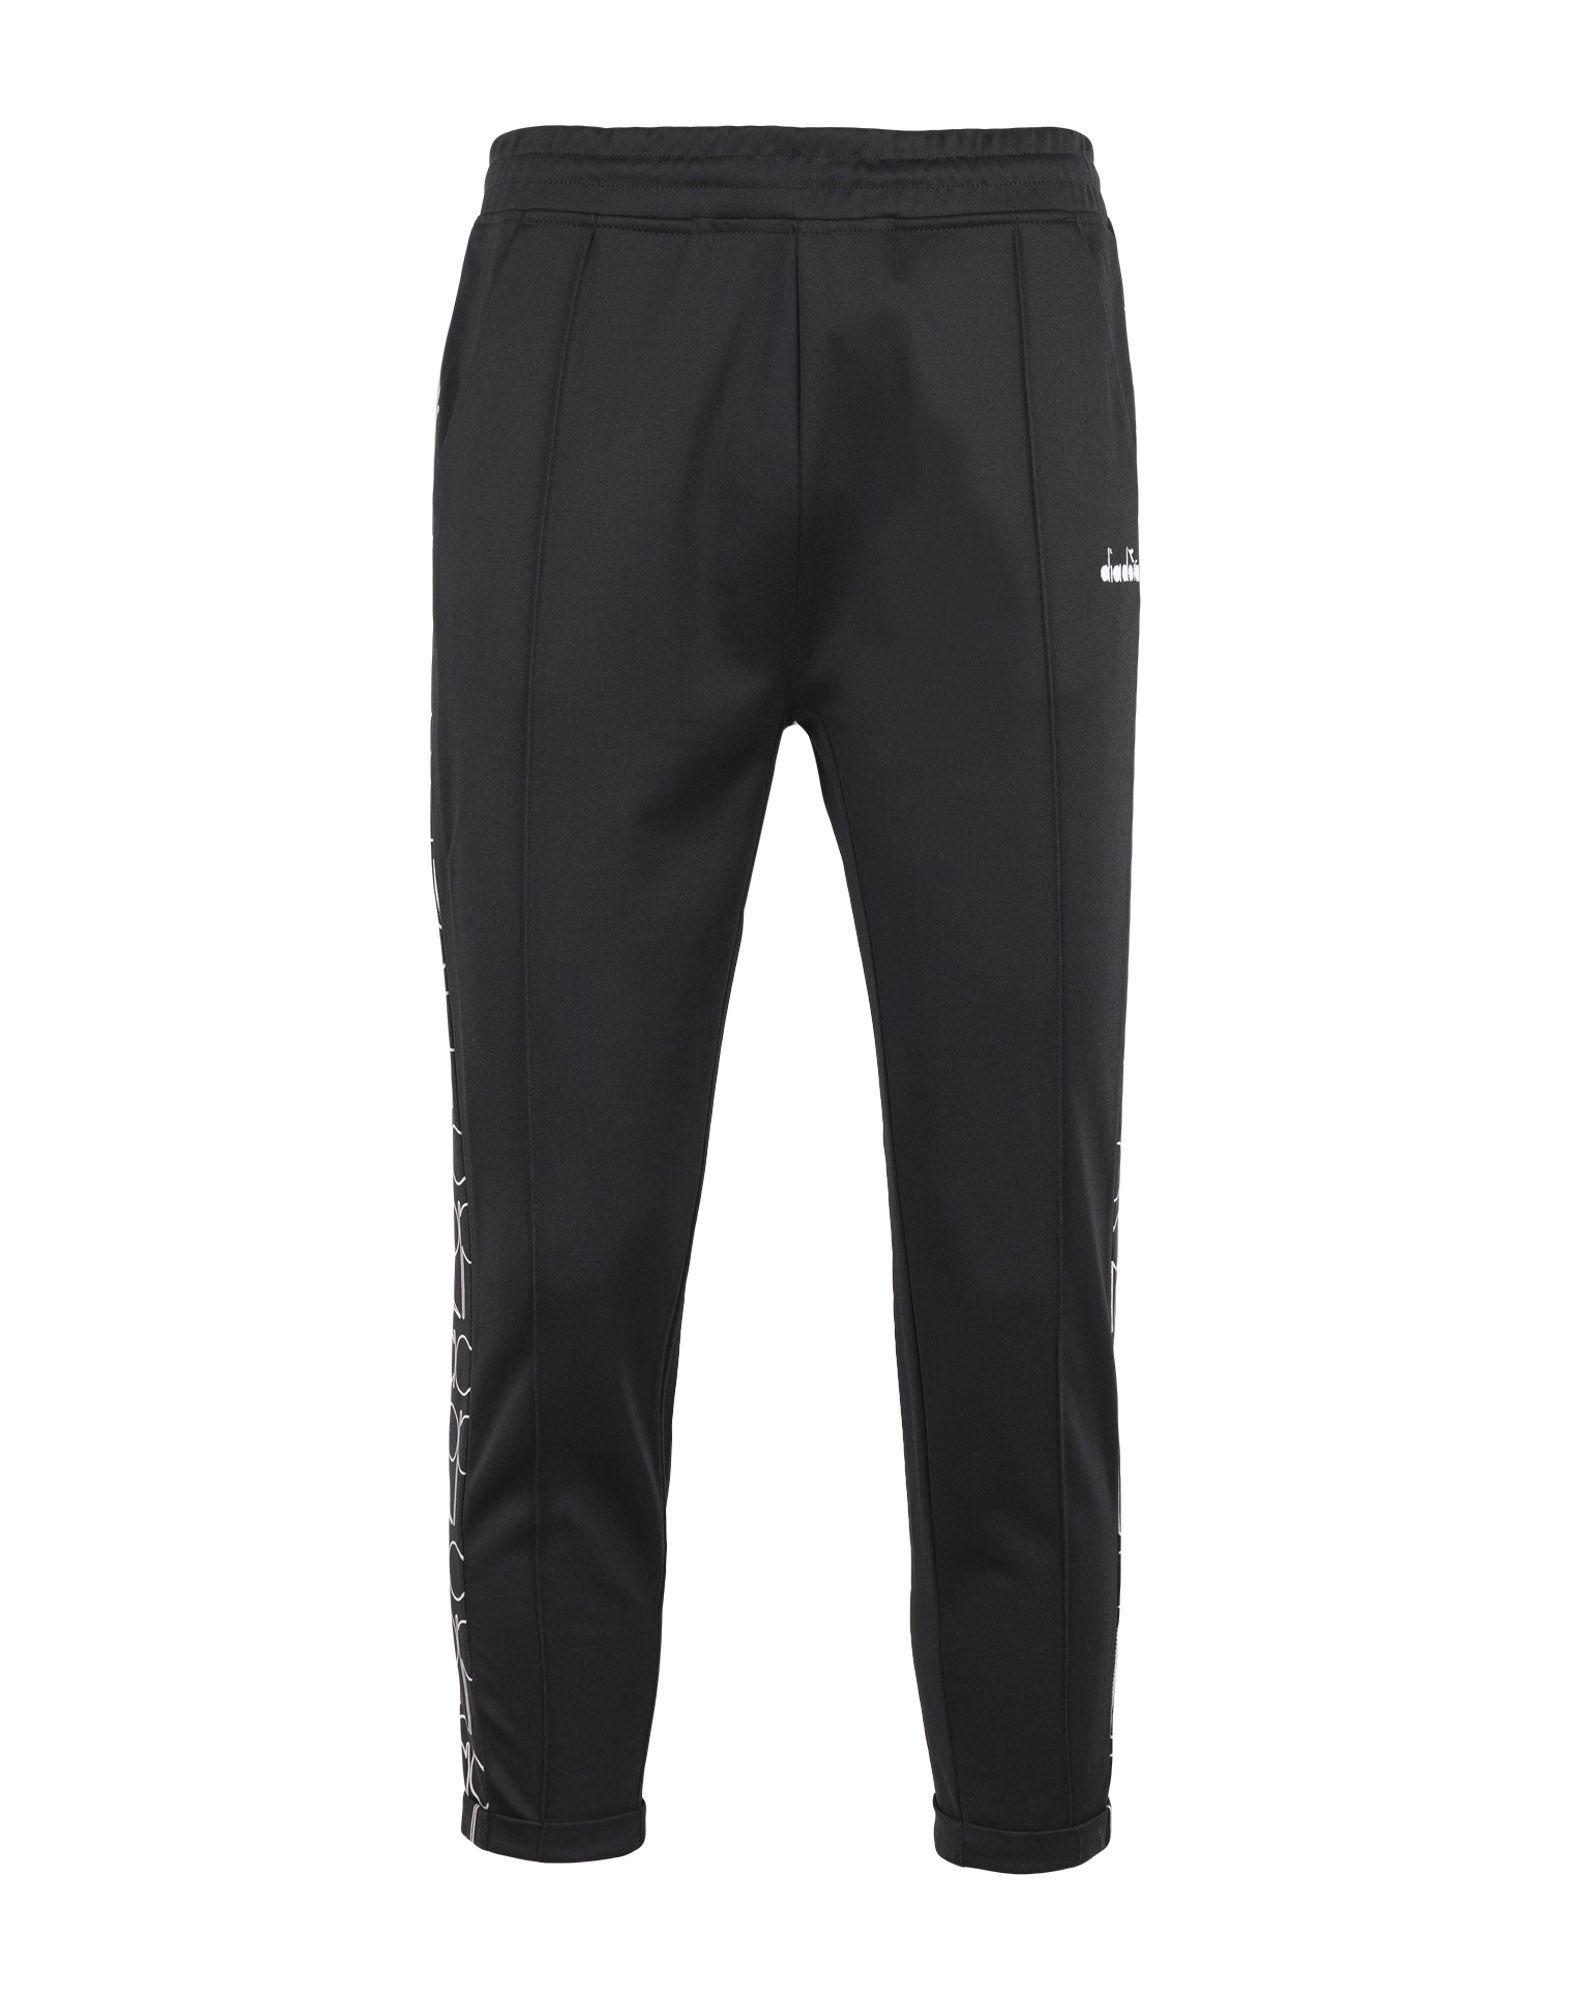 Pantalone Diadora Diadora Pant 80S Bold - uomo - 13243695EX  das beste Online-Shop-Angebot